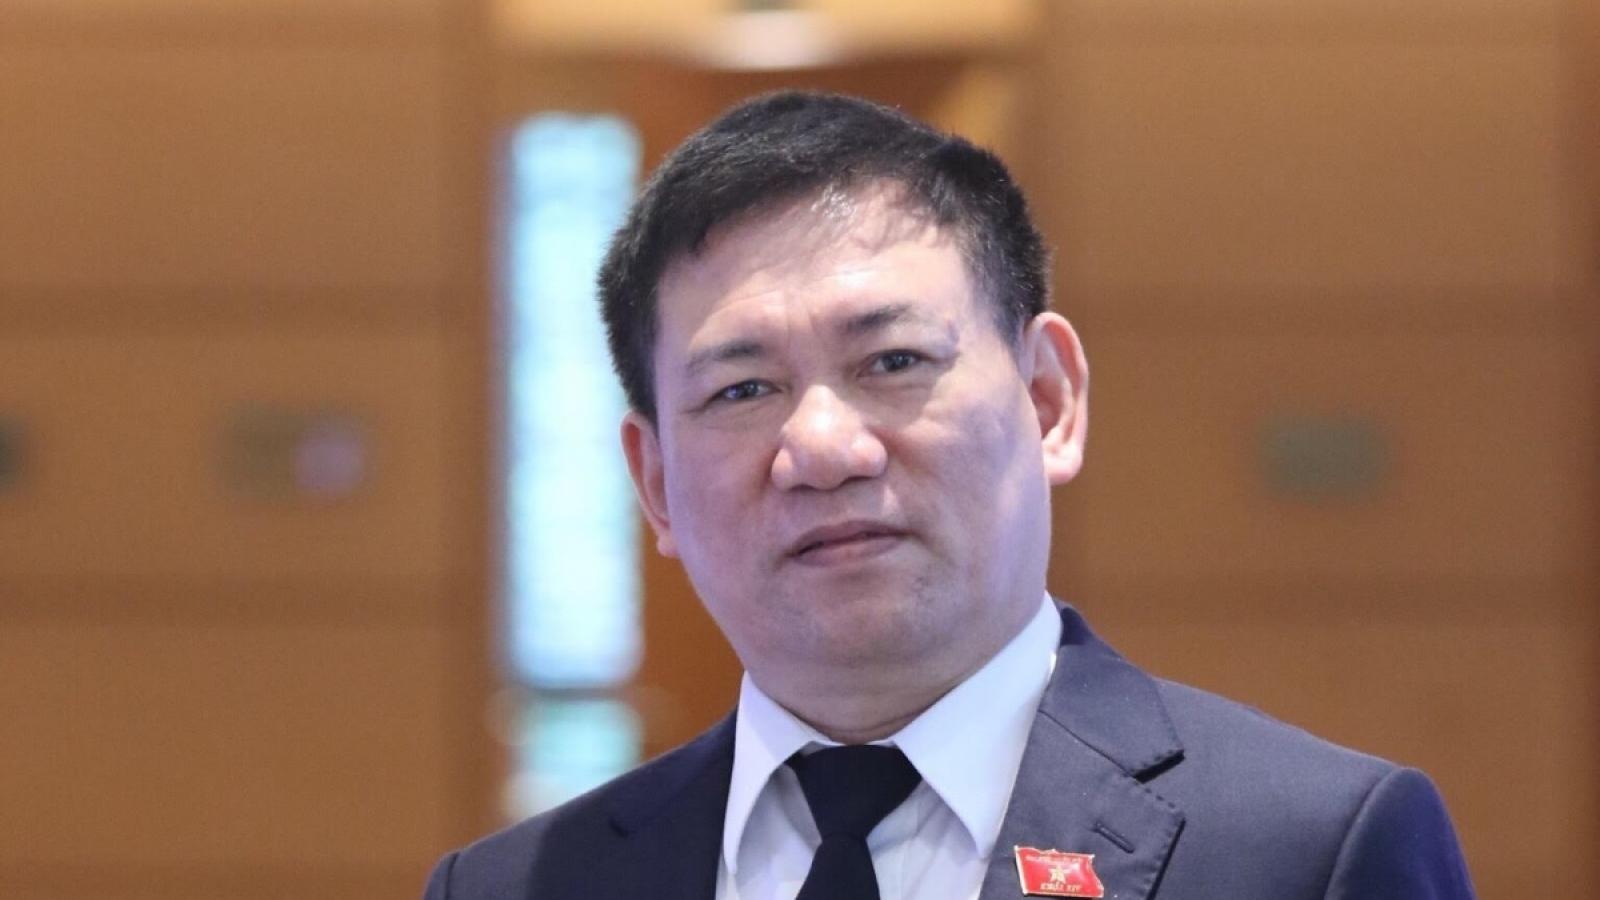 Bộ trưởng Hồ Đức Phớc: Đề xuất trích 10.000-20.000 tỷ đồng để kích cầu kinh tế